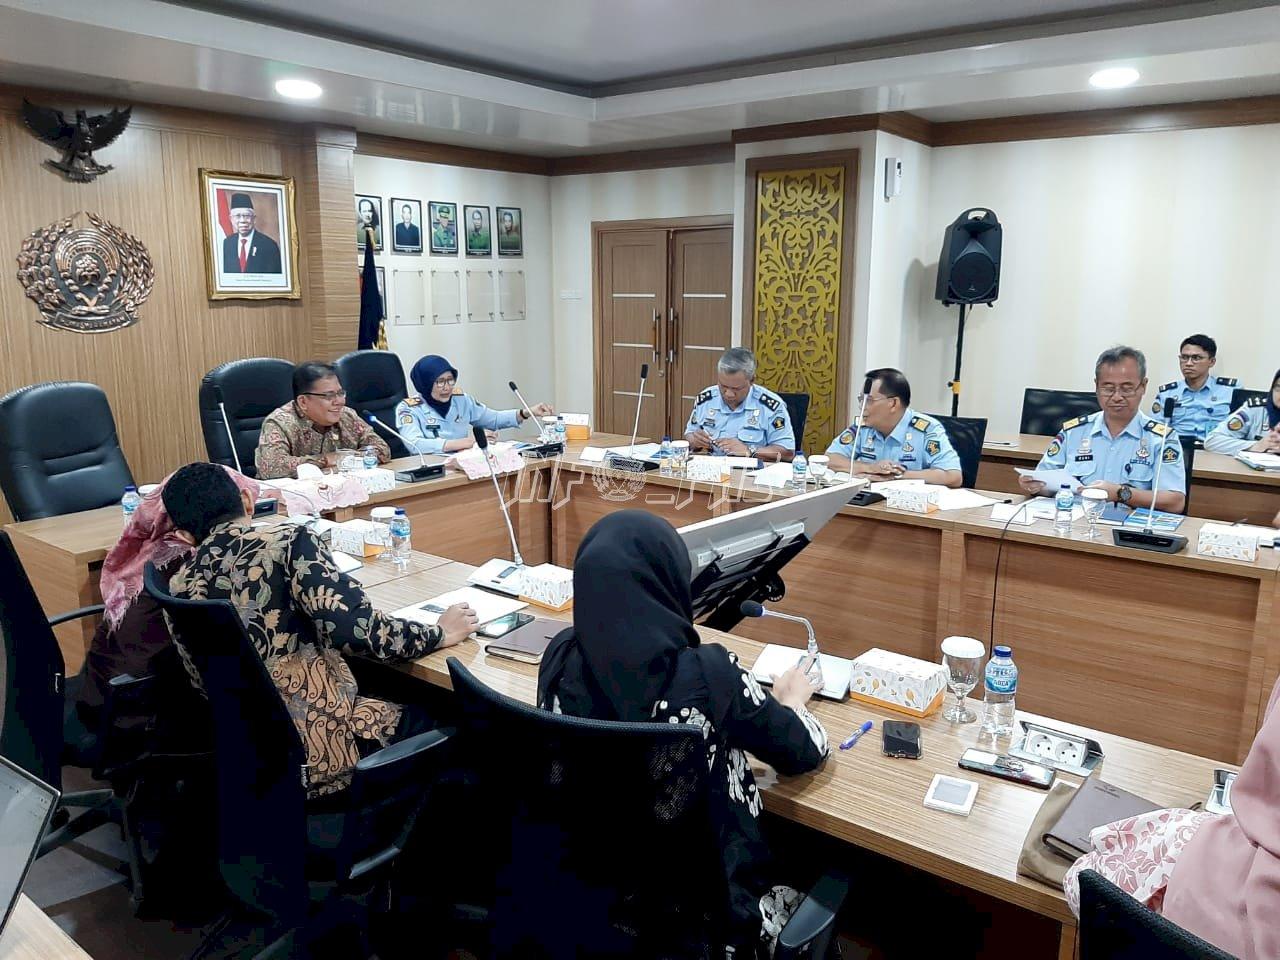 Ombudsman RI Apresiasi Pelayanan Publik & Kemudahan Fasilitas Bagi WBP